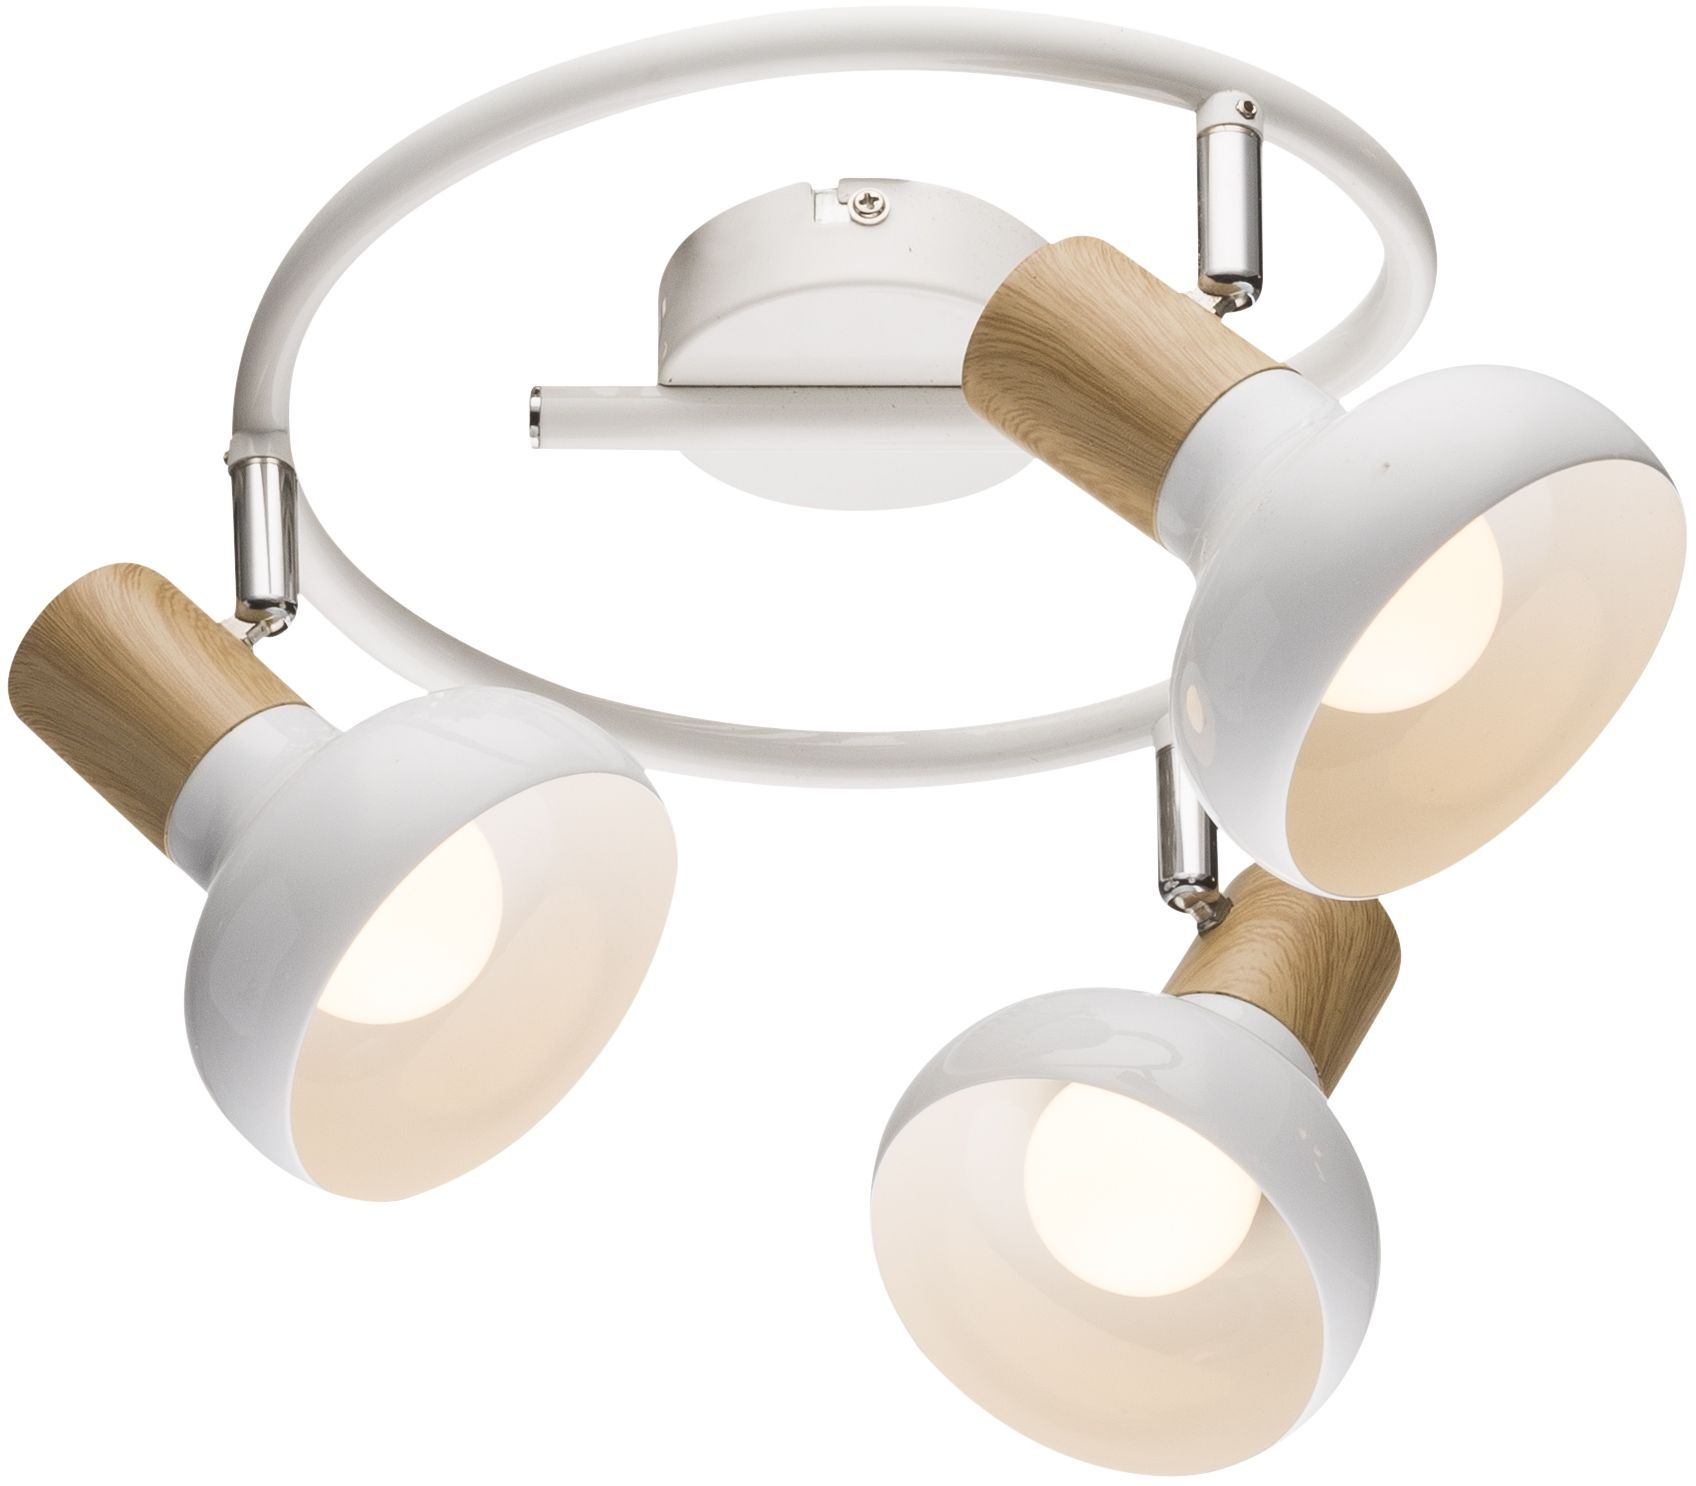 Candellux PUERTO 98-62697 plafon lampa sufitowa spirala biała drewno 3X40W E14 40cm